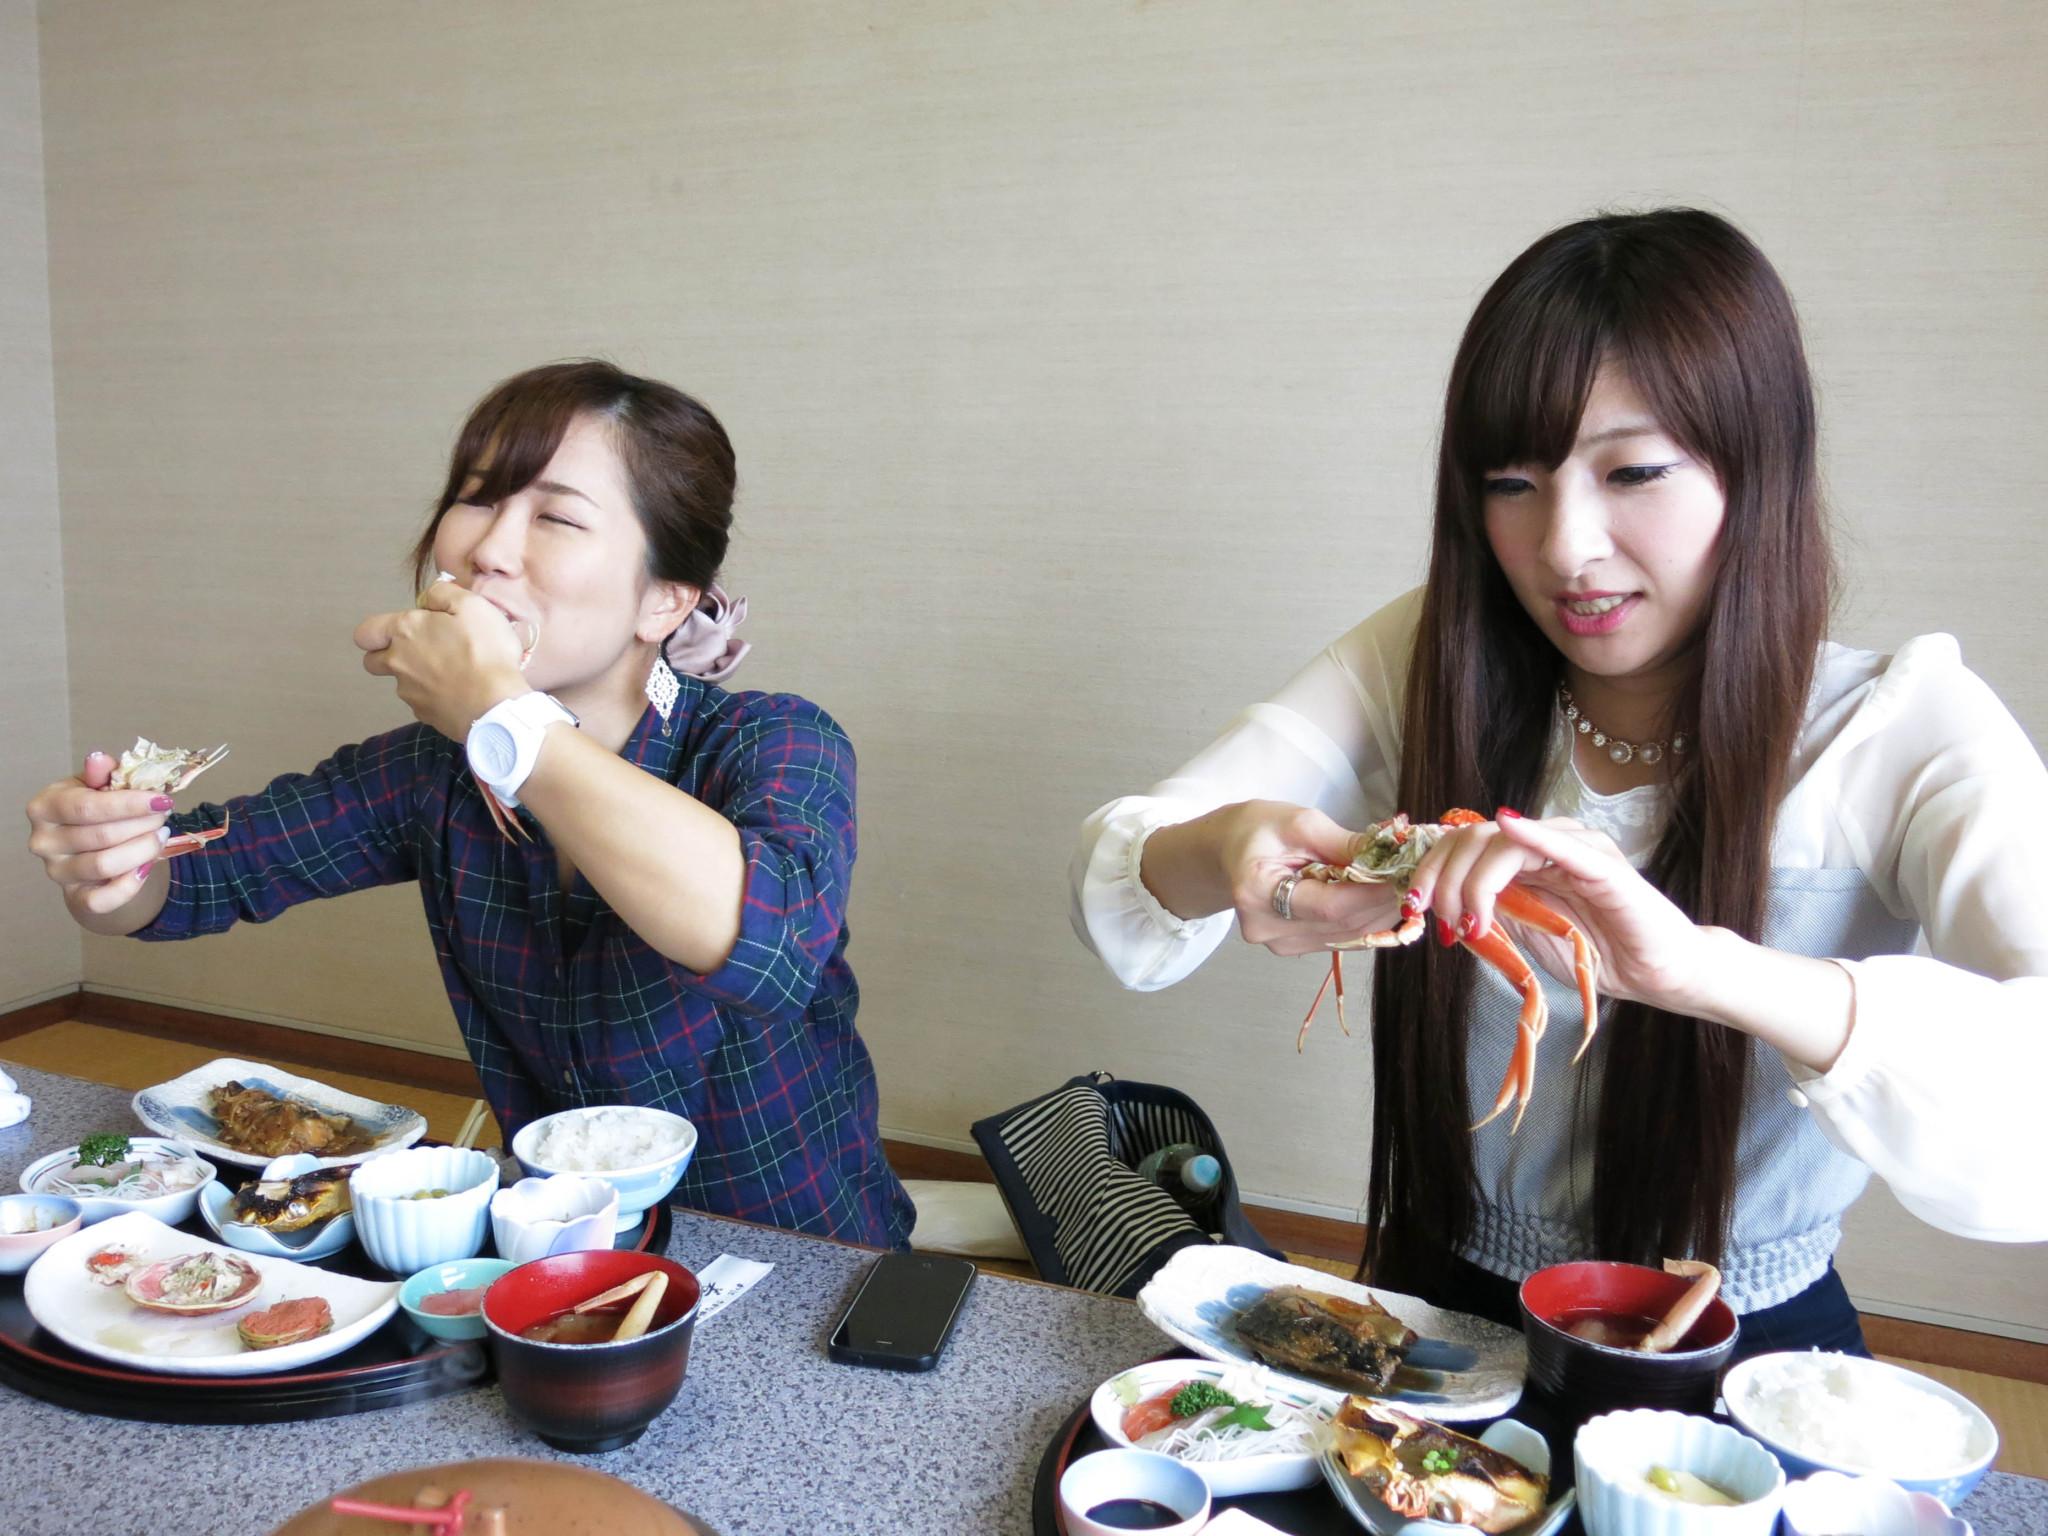 蟹を食べると無言になるって本当でした。